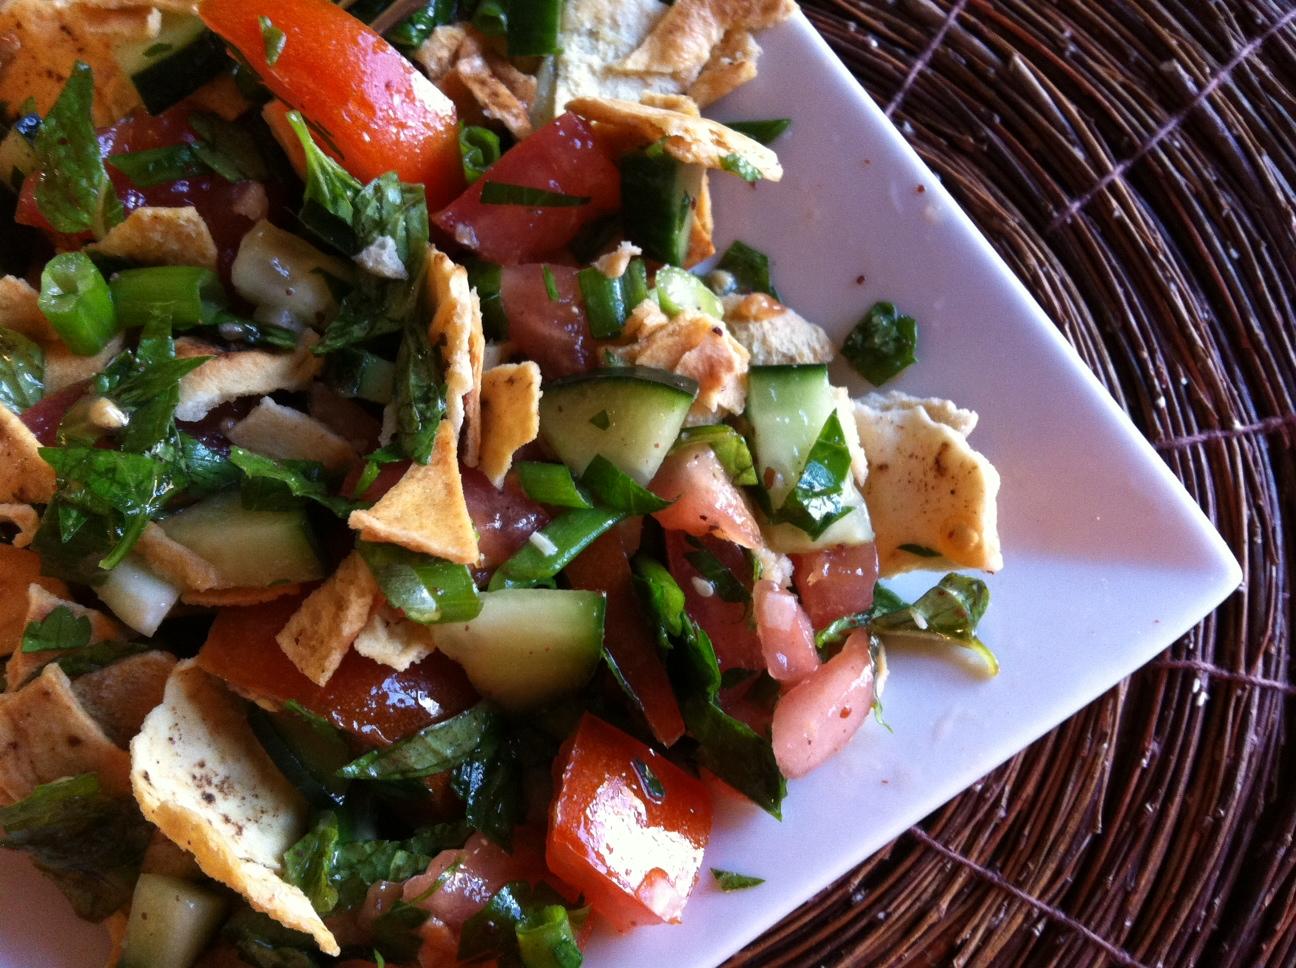 Pita Bread Salad recipe from A Cedar Spoon